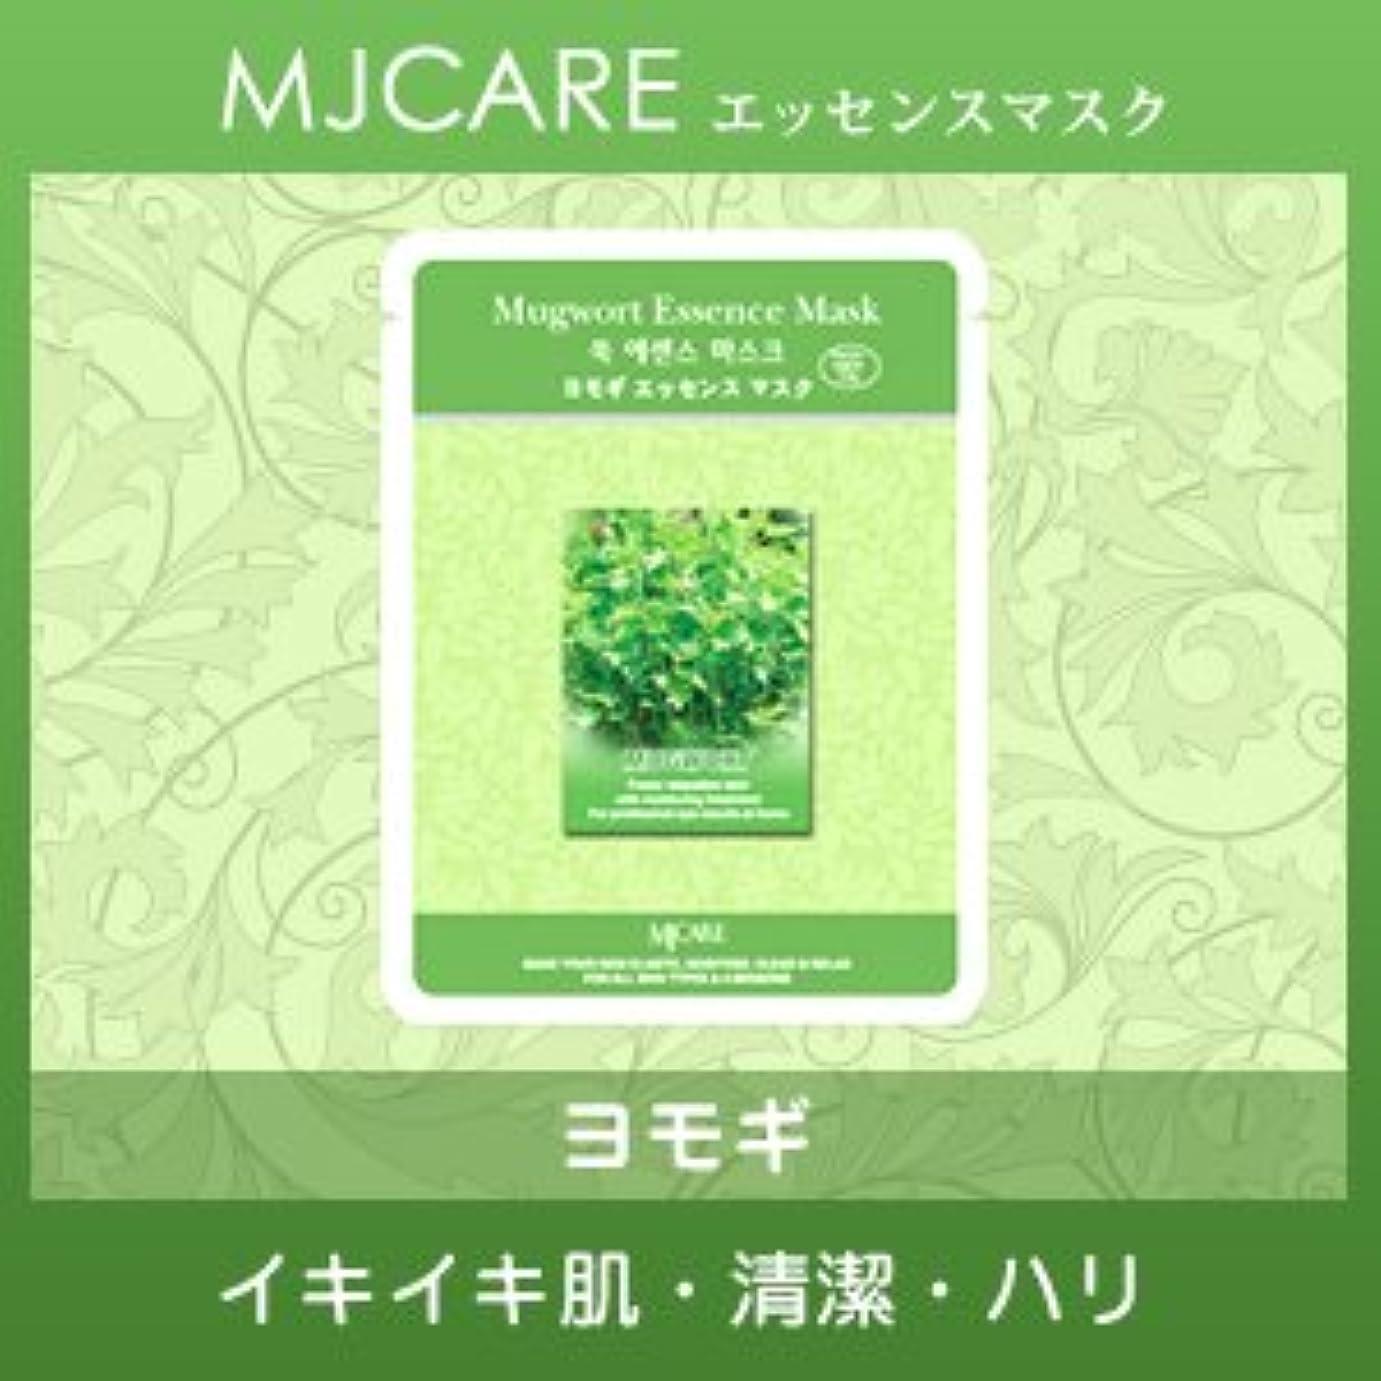 オフ渇き詳細にMJCARE (エムジェイケア) ヨモギ エッセンスマスク